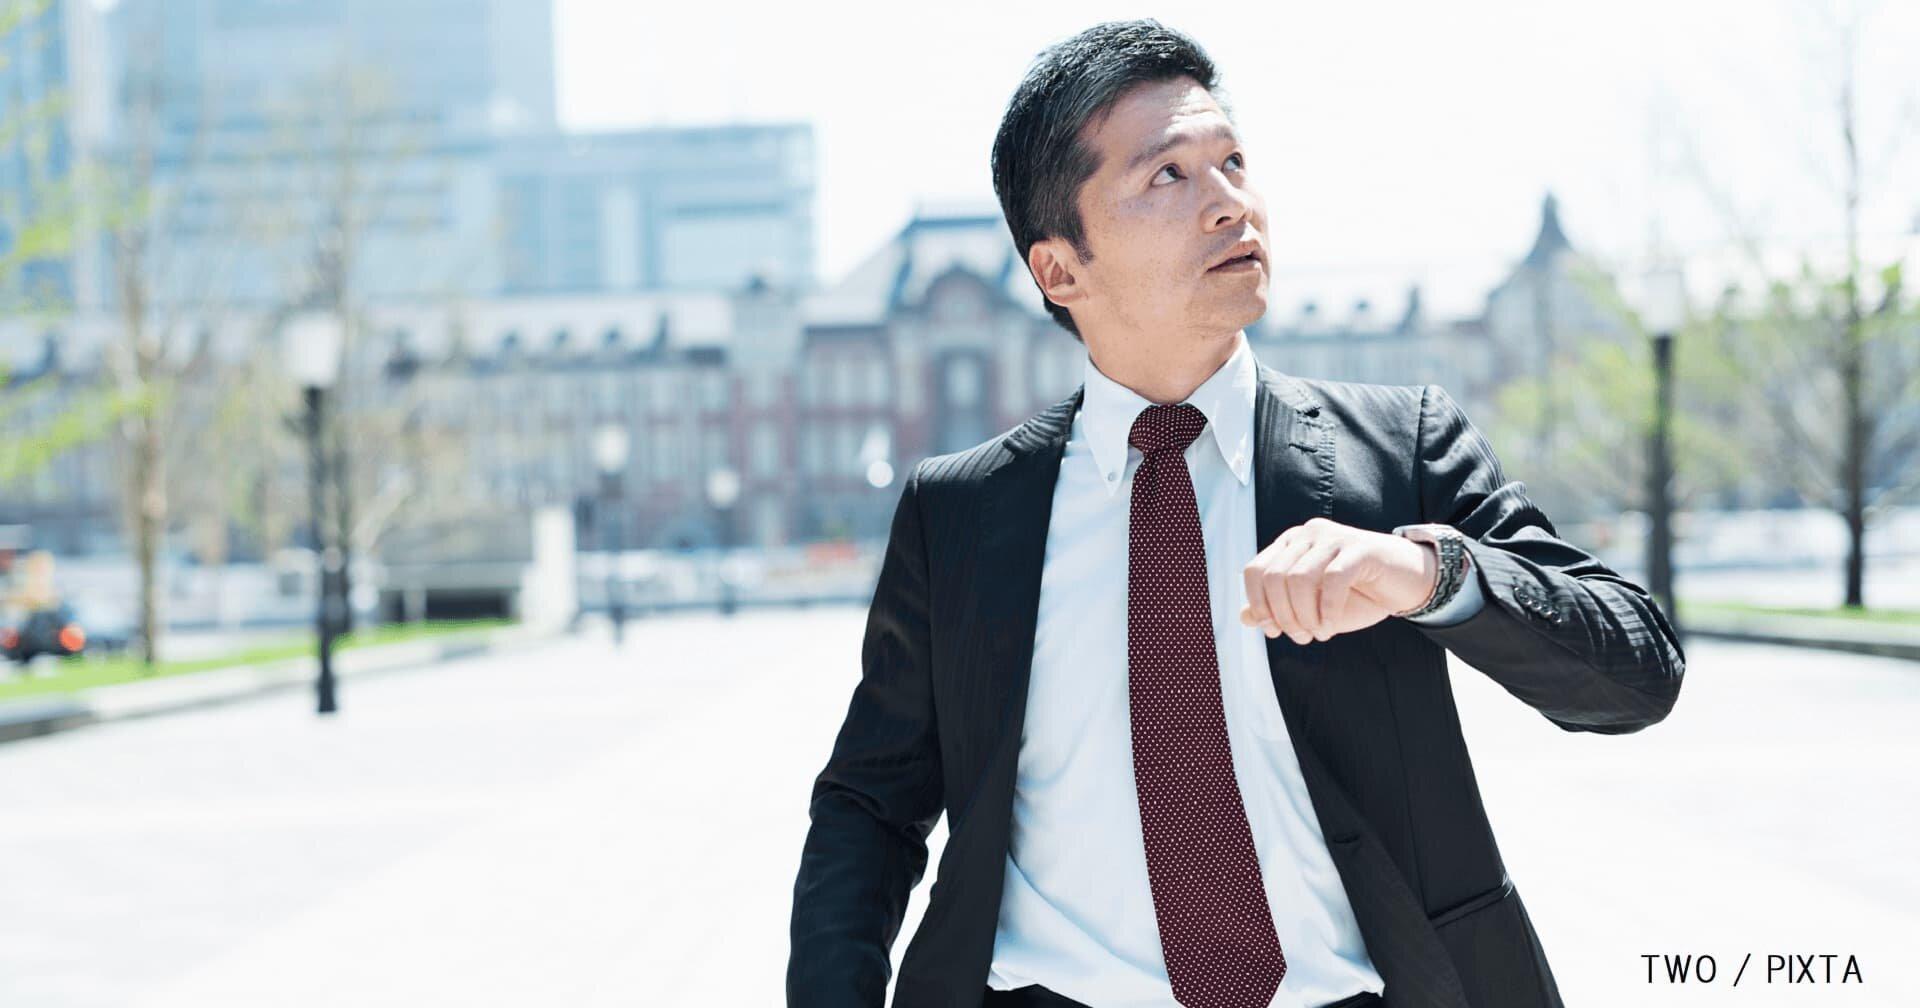 プレイングマネジャーの悩みと役割、求められる意識改革